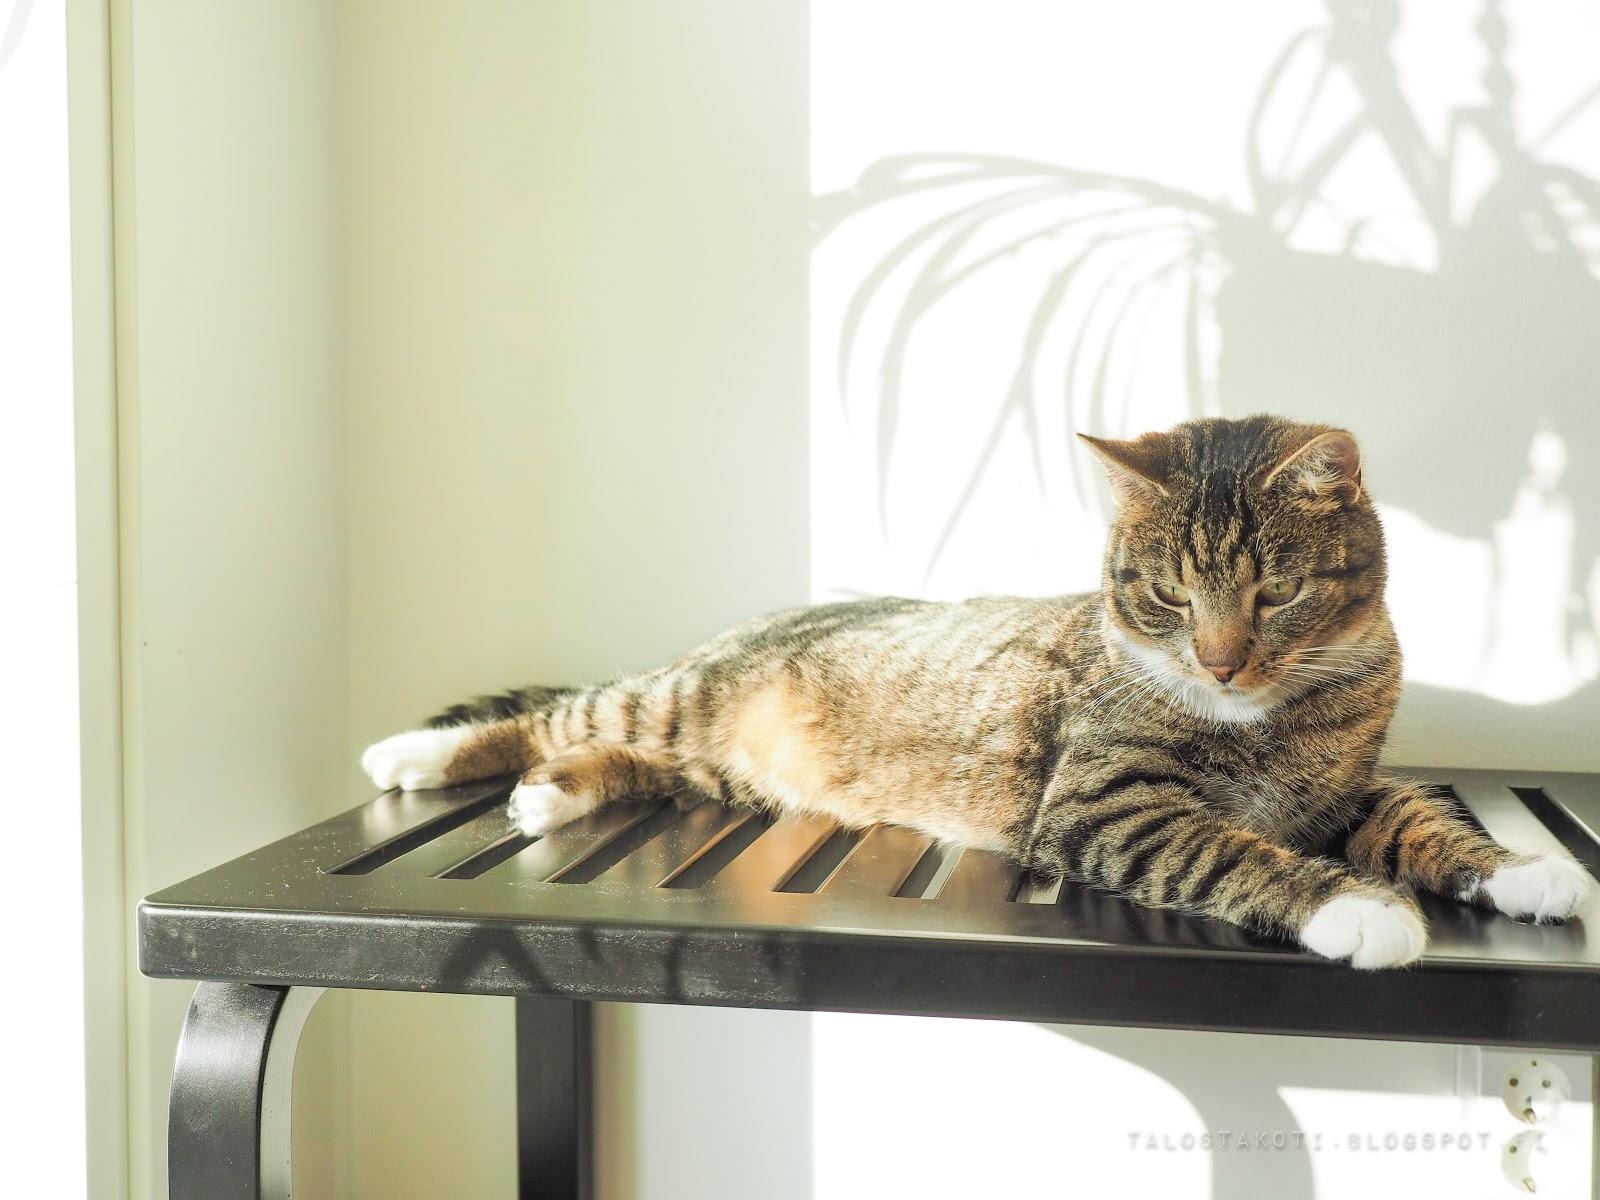 kissa, artek ritiläpenkki